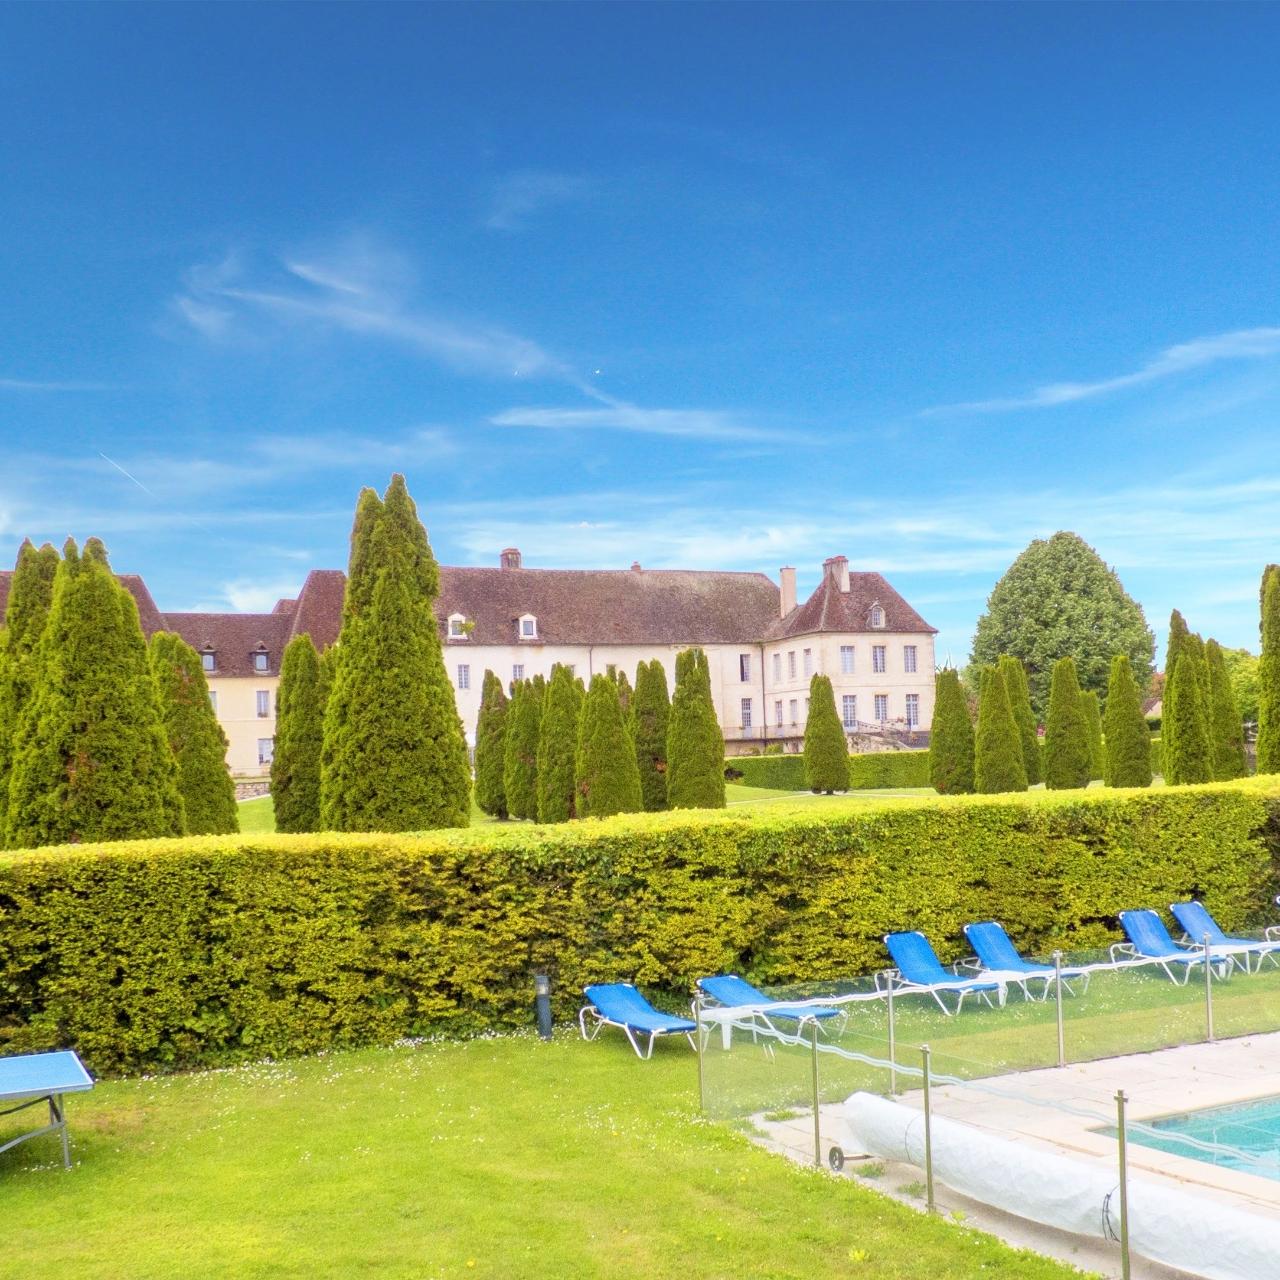 Séjour 1 nuit au Château de Gilly (21) avec petits déjeuners + visite de la cave du Château de Pommard + verre - pour 2 pers., 13 ou 14/02